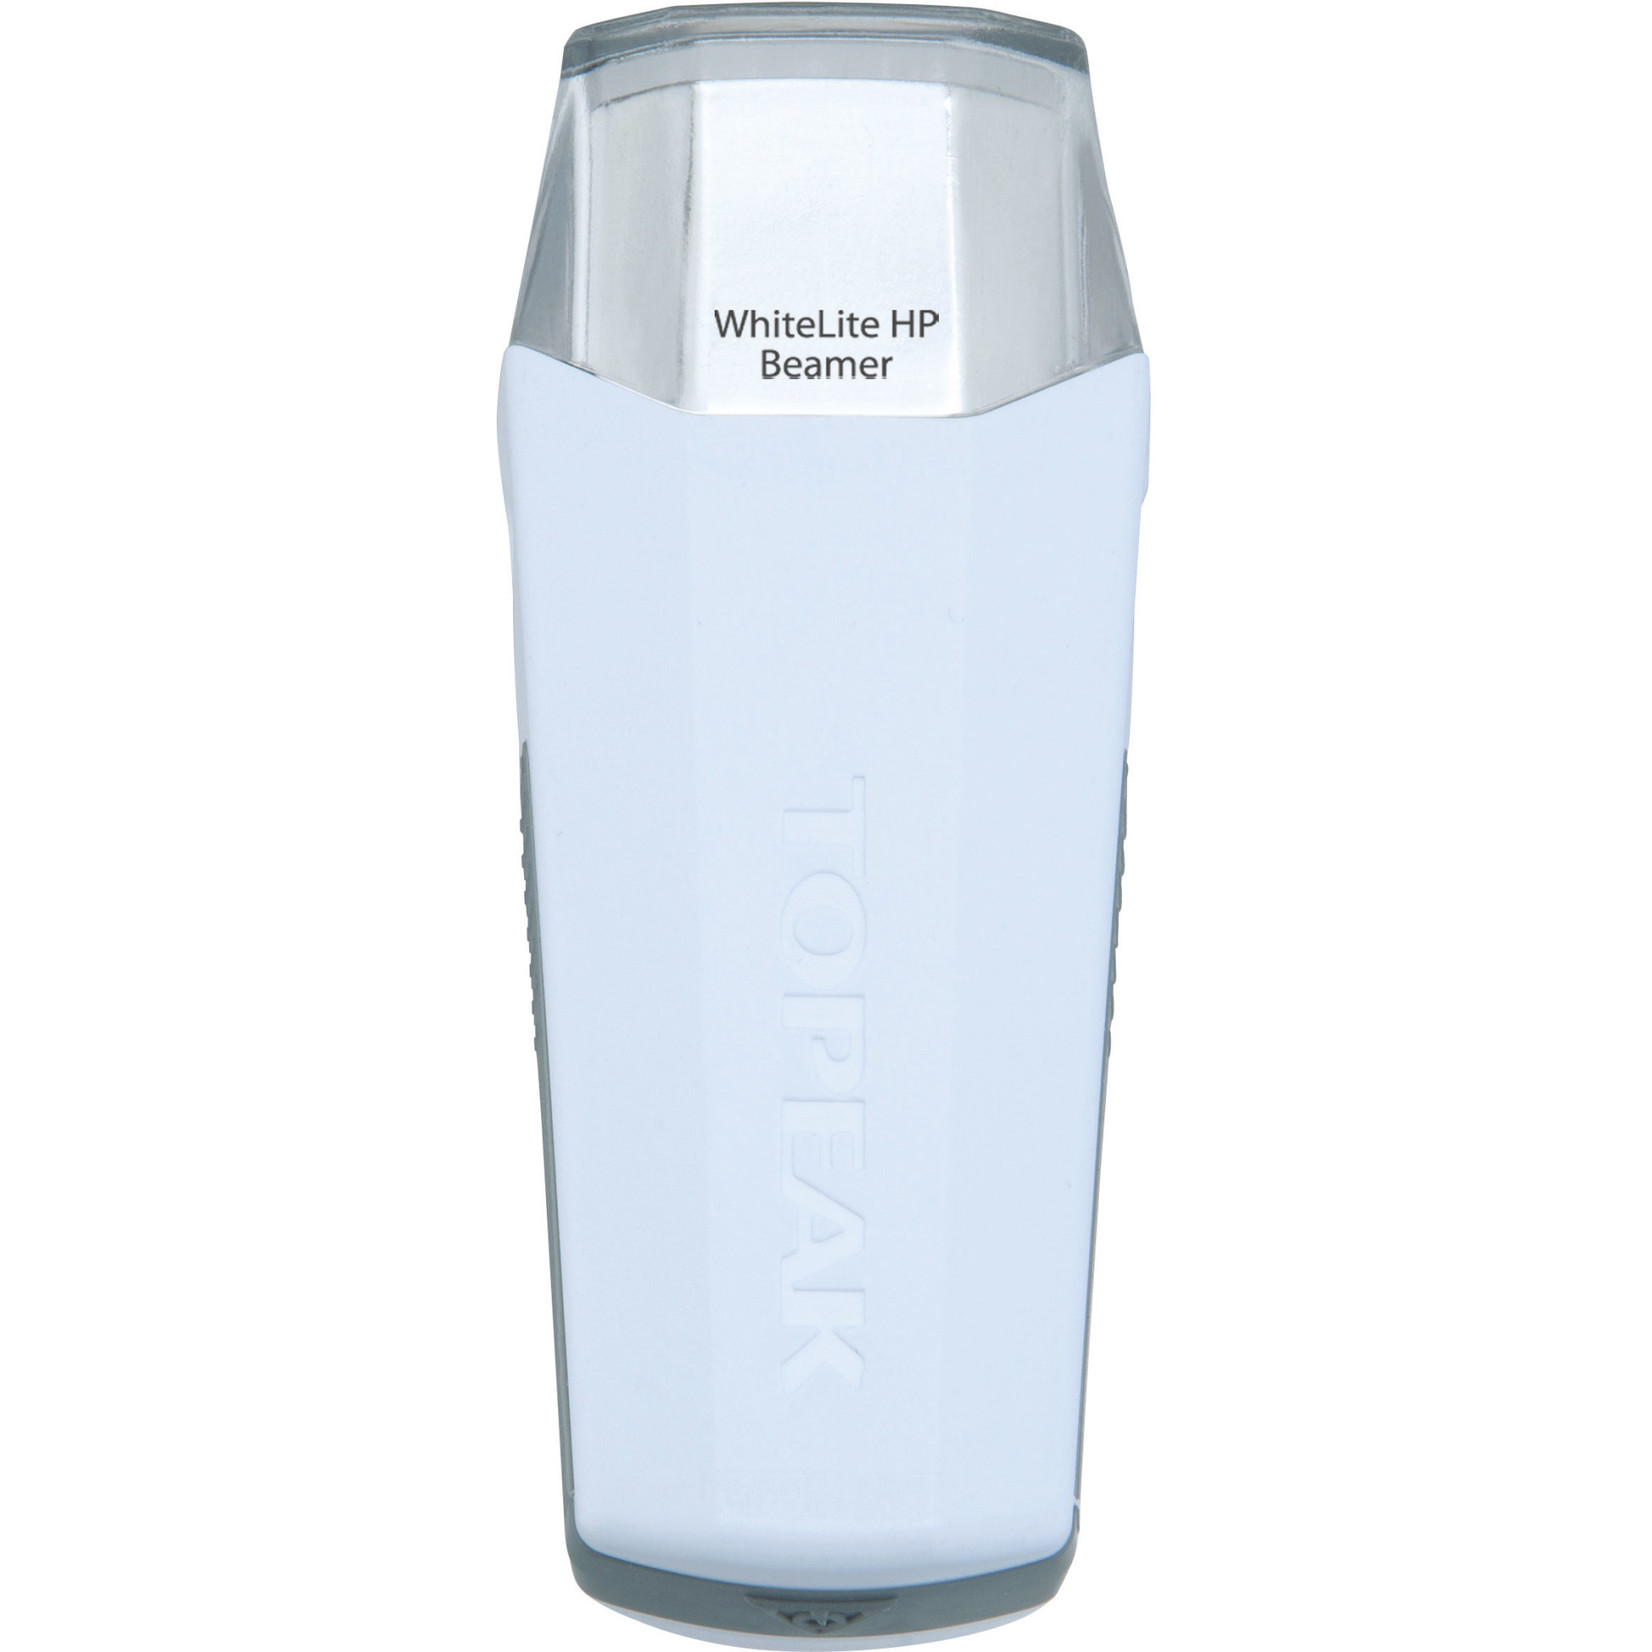 Topeak Topeak WhiteLite HP Beamer head light